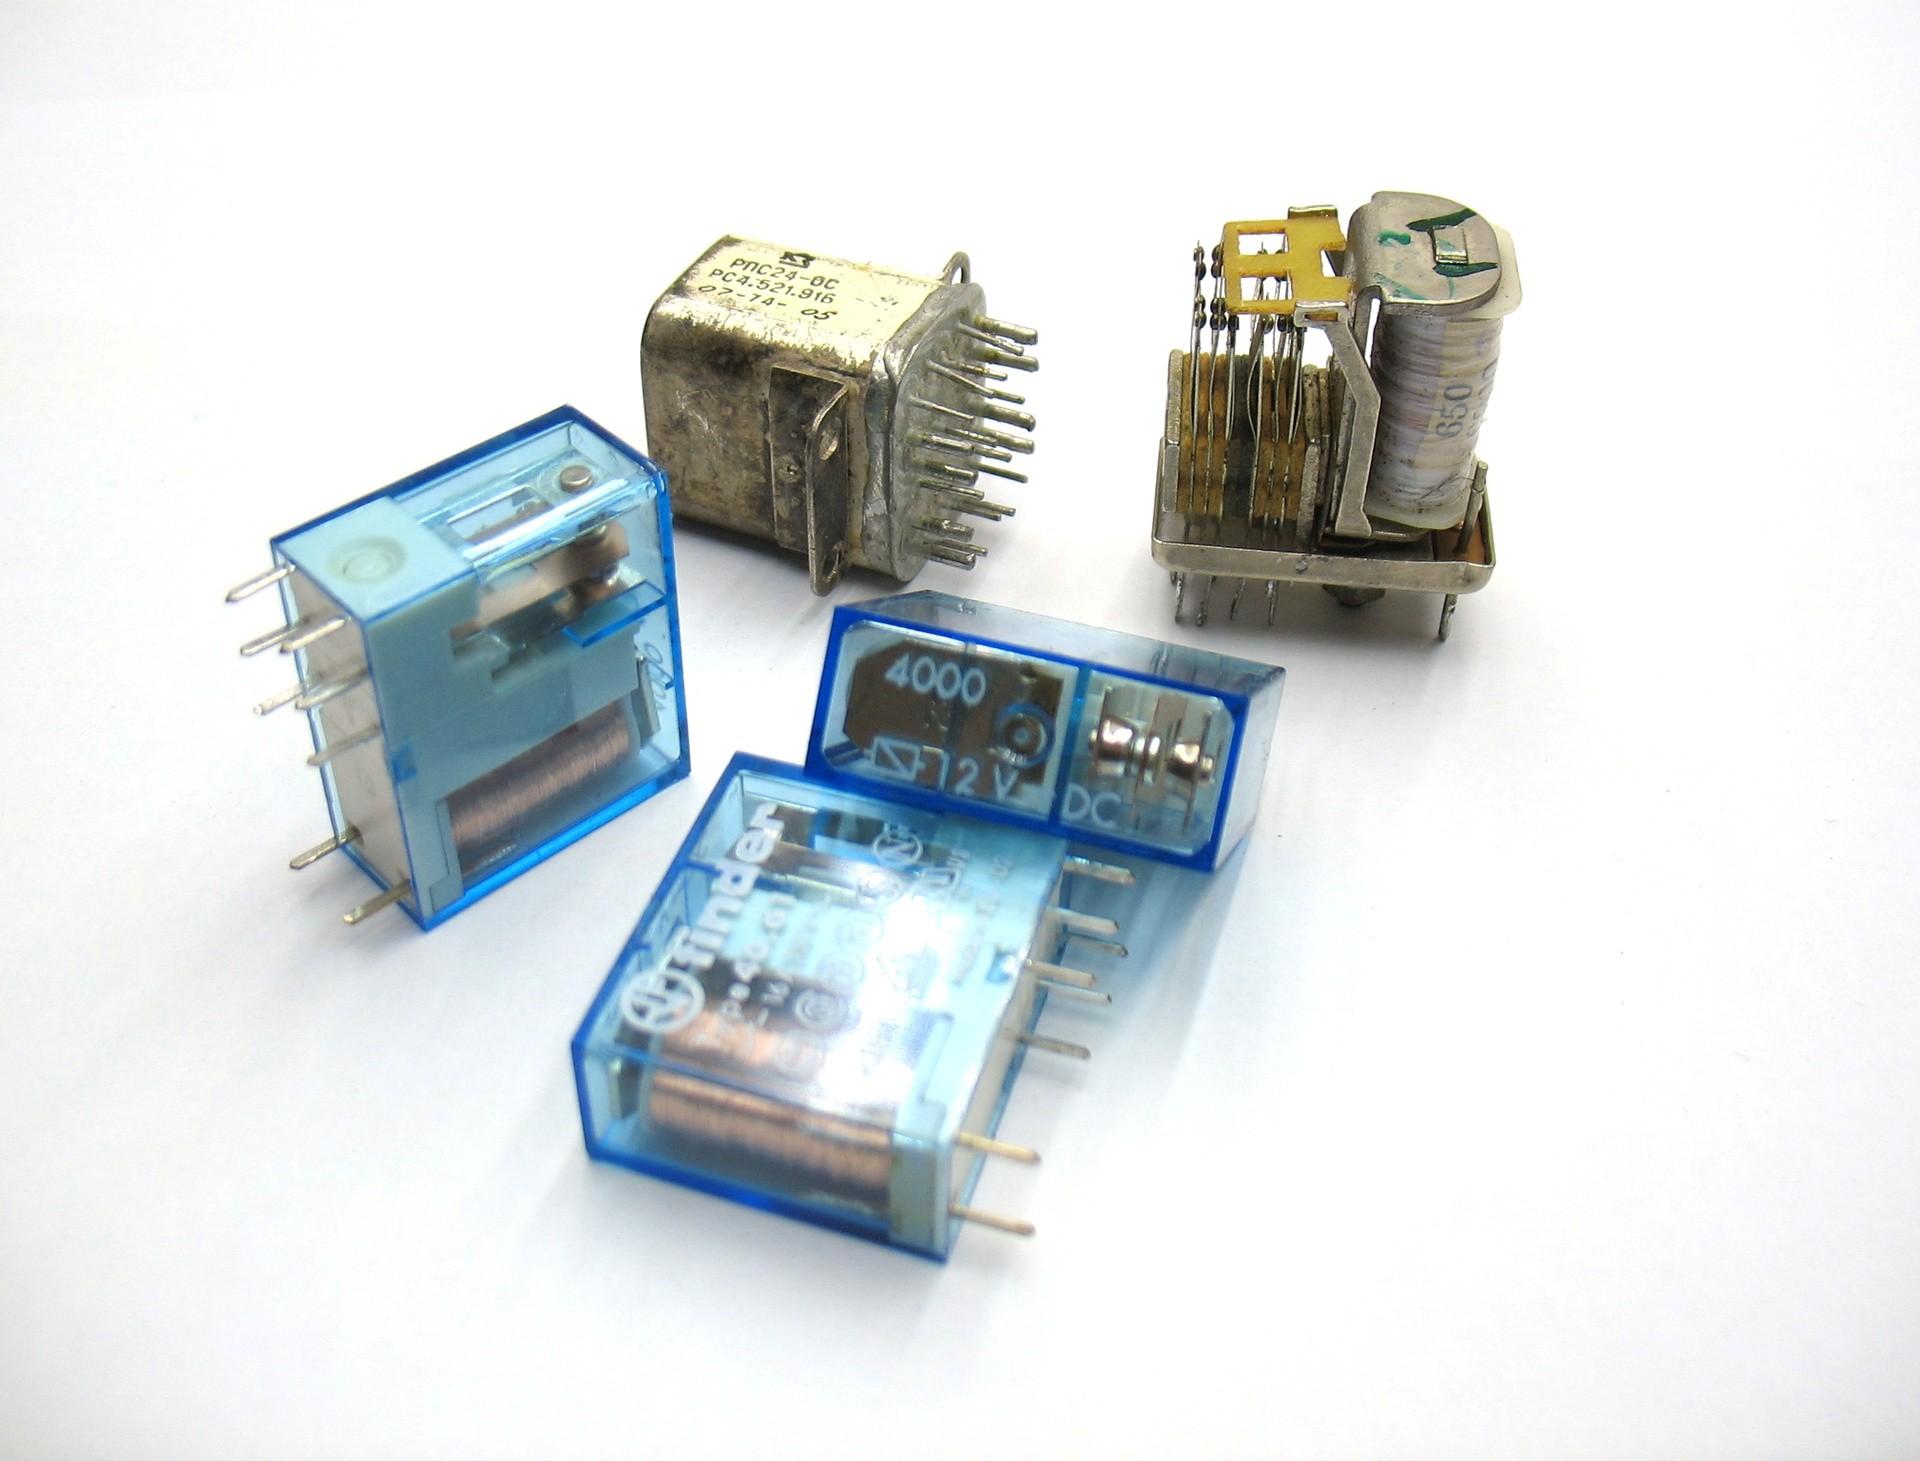 Руководство по материалам электротехники для всех. Часть 1